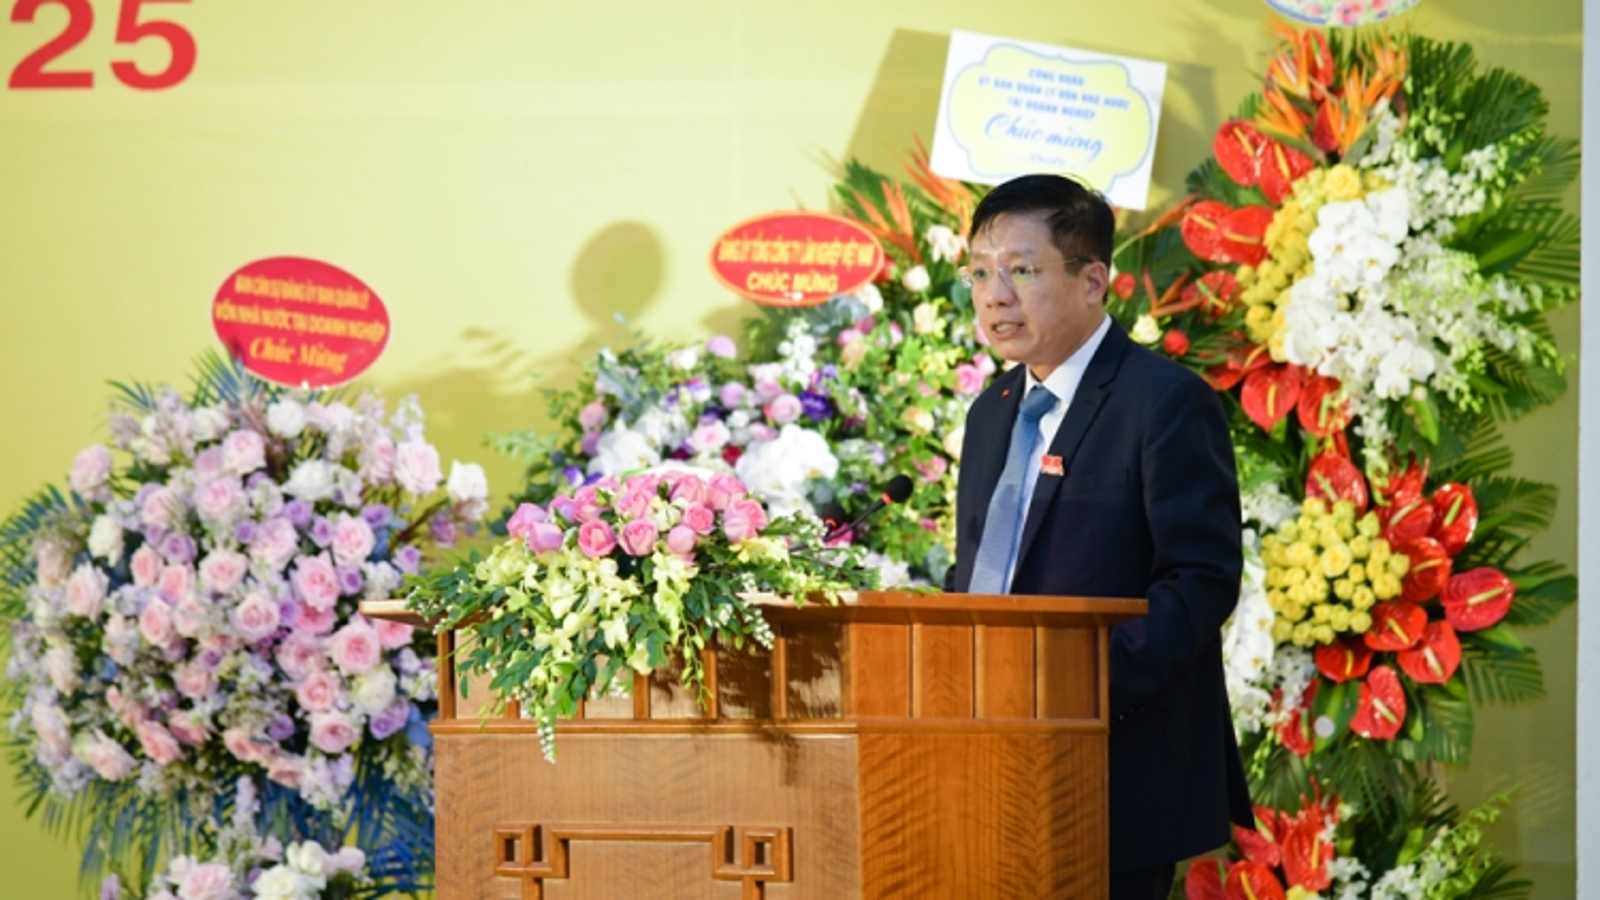 Ông Hồ Sỹ Hùng giữ chức Bí thư Đảng ủy Ủy ban Quản lý vốn Nhà nước tại DN